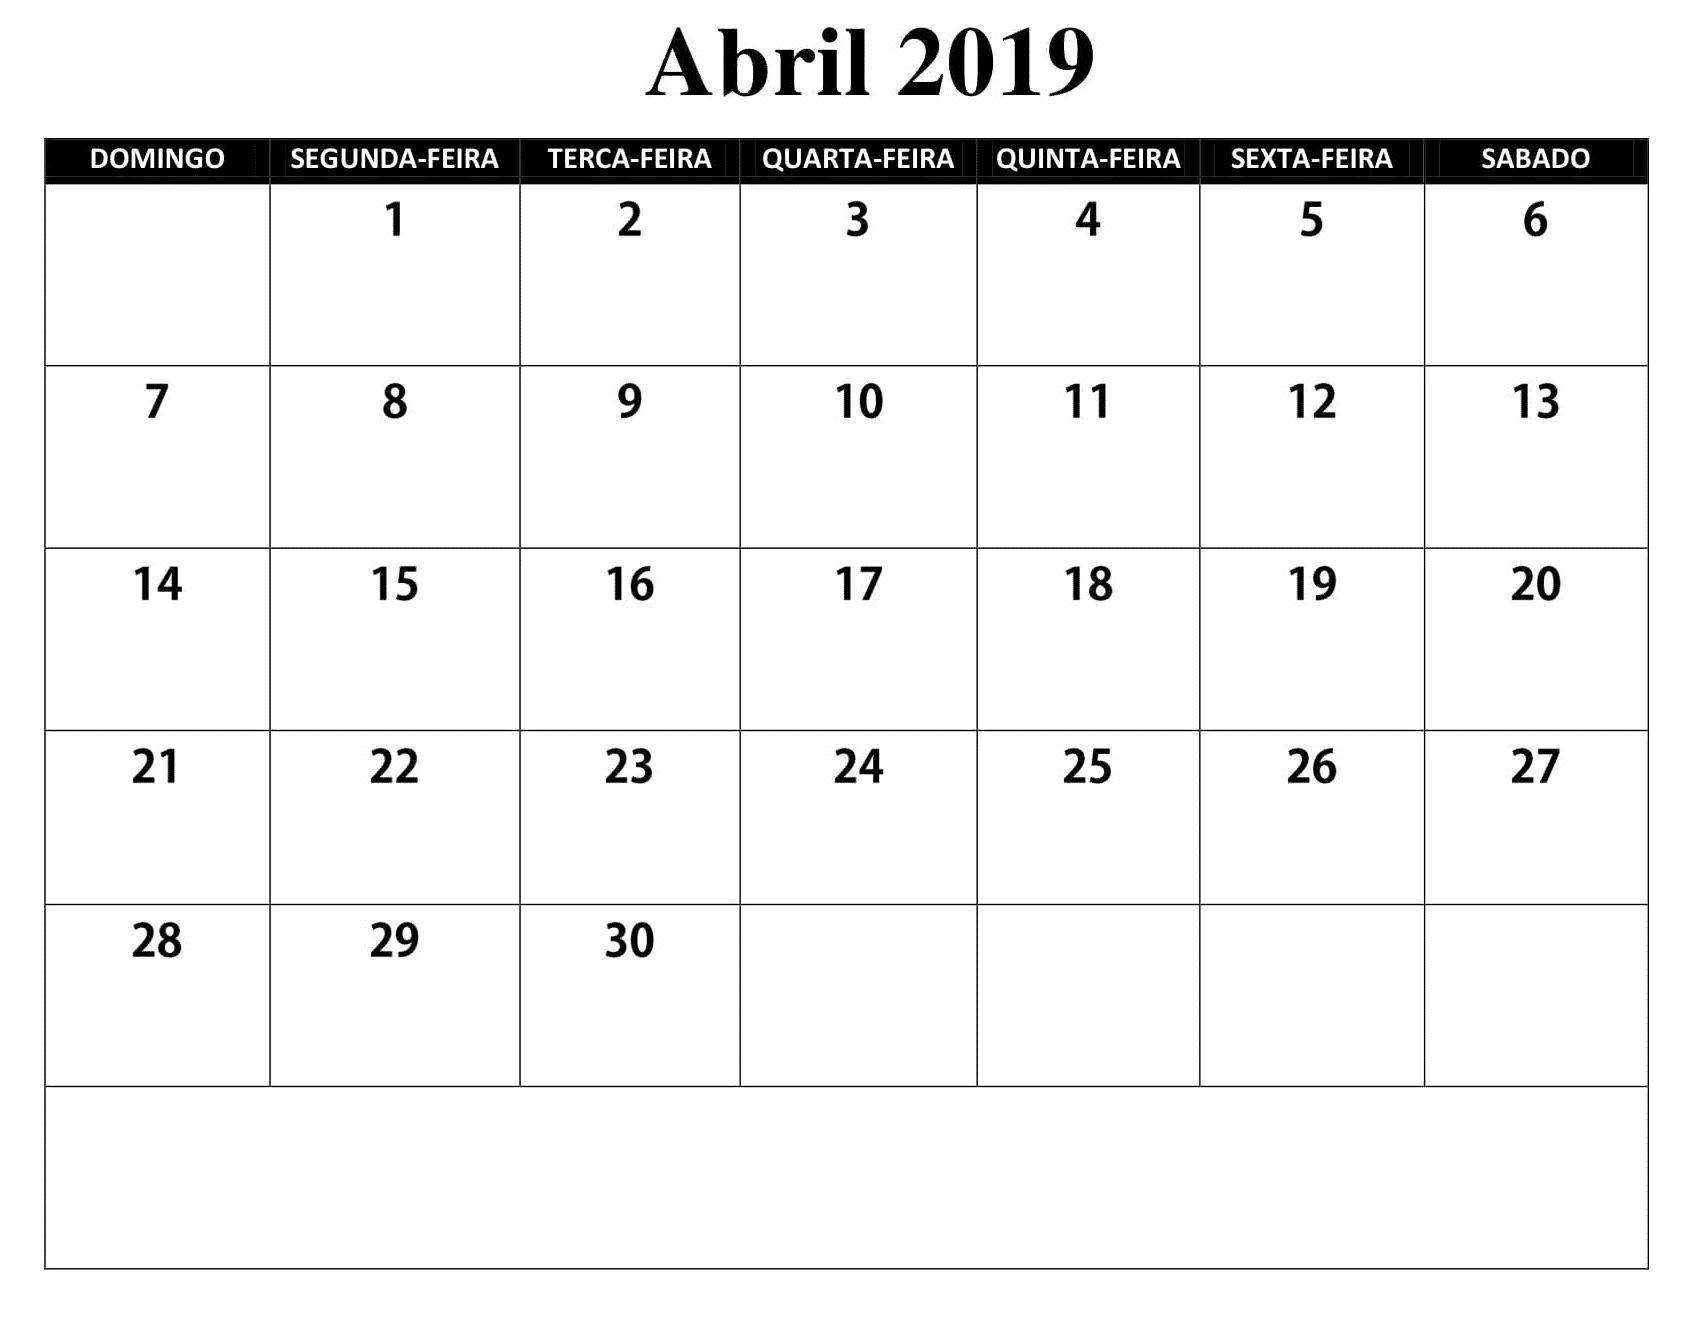 Calendario Imprimir Abril 2019.Sin Embargo Este Es Calendario 2019 Mes Abril Calendario 2019